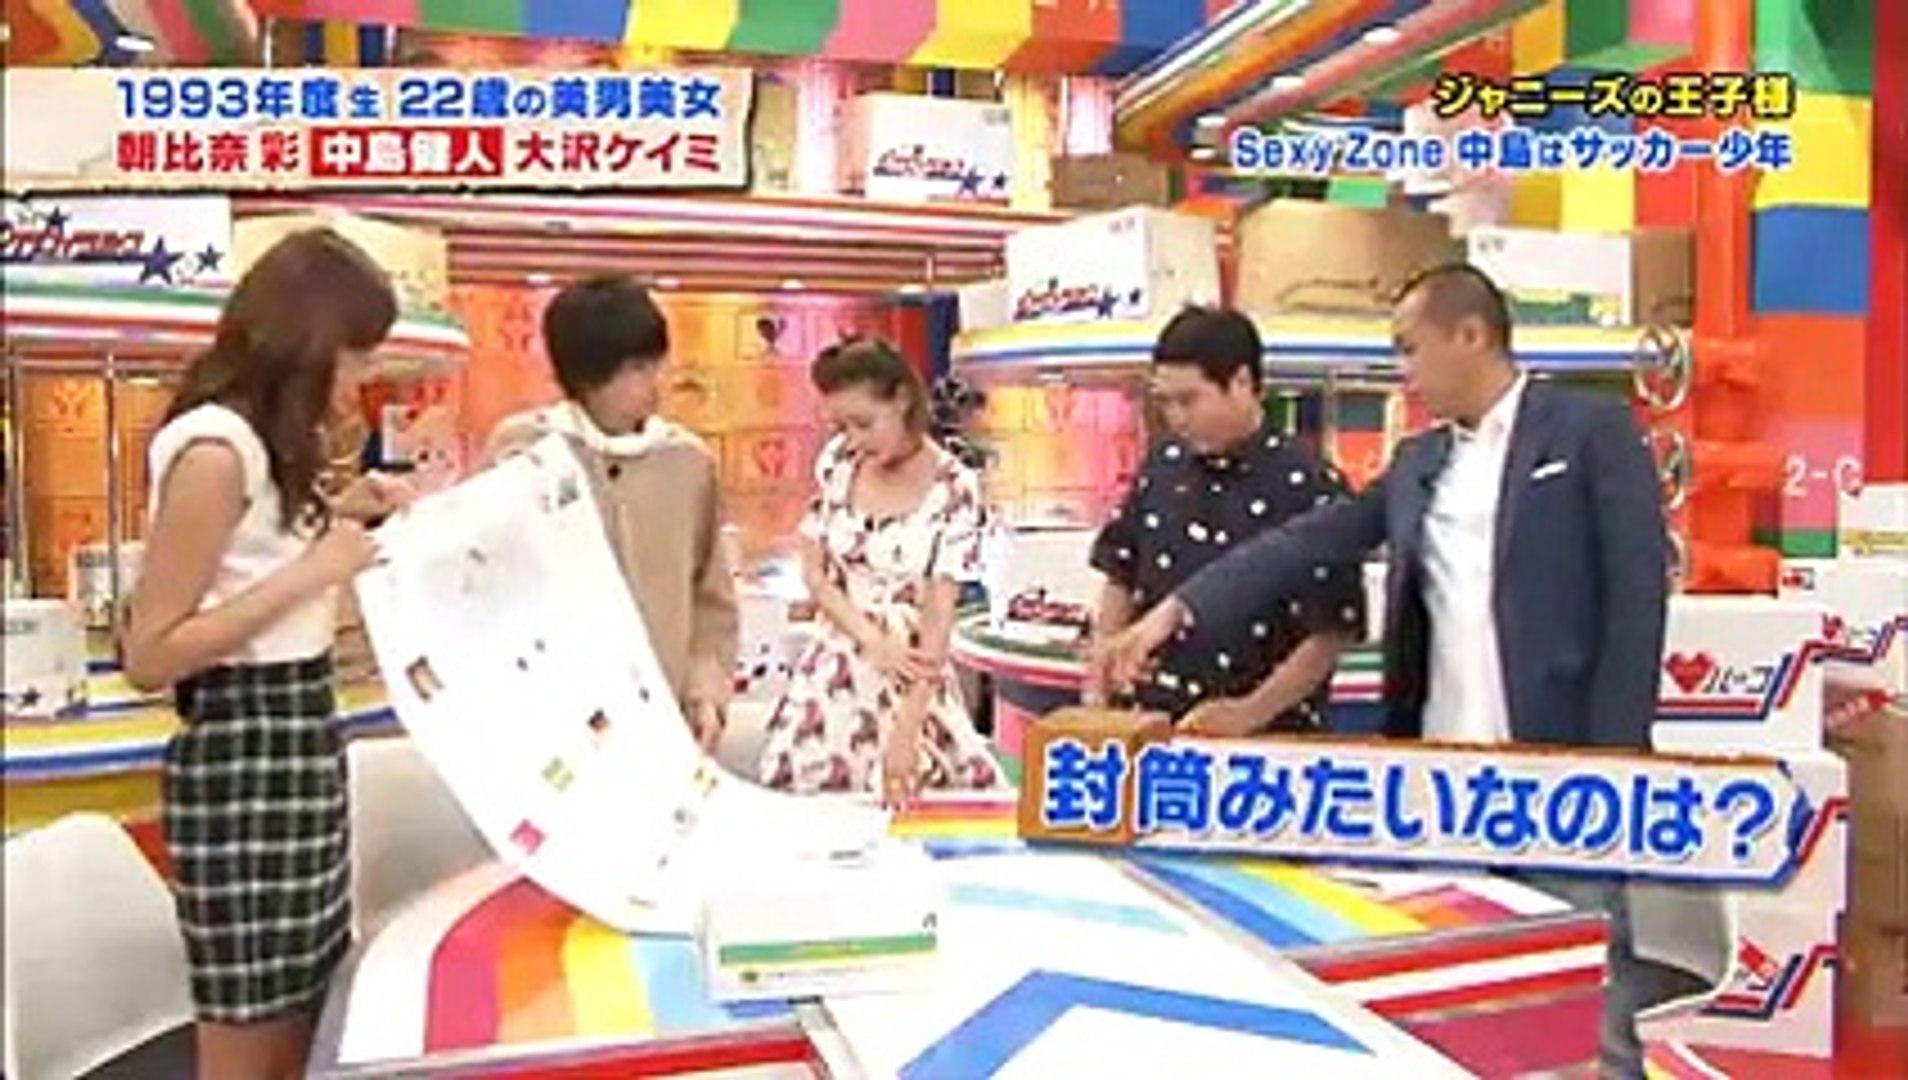 ビックラコイタ箱10月6日 - 動画 Dailymotion